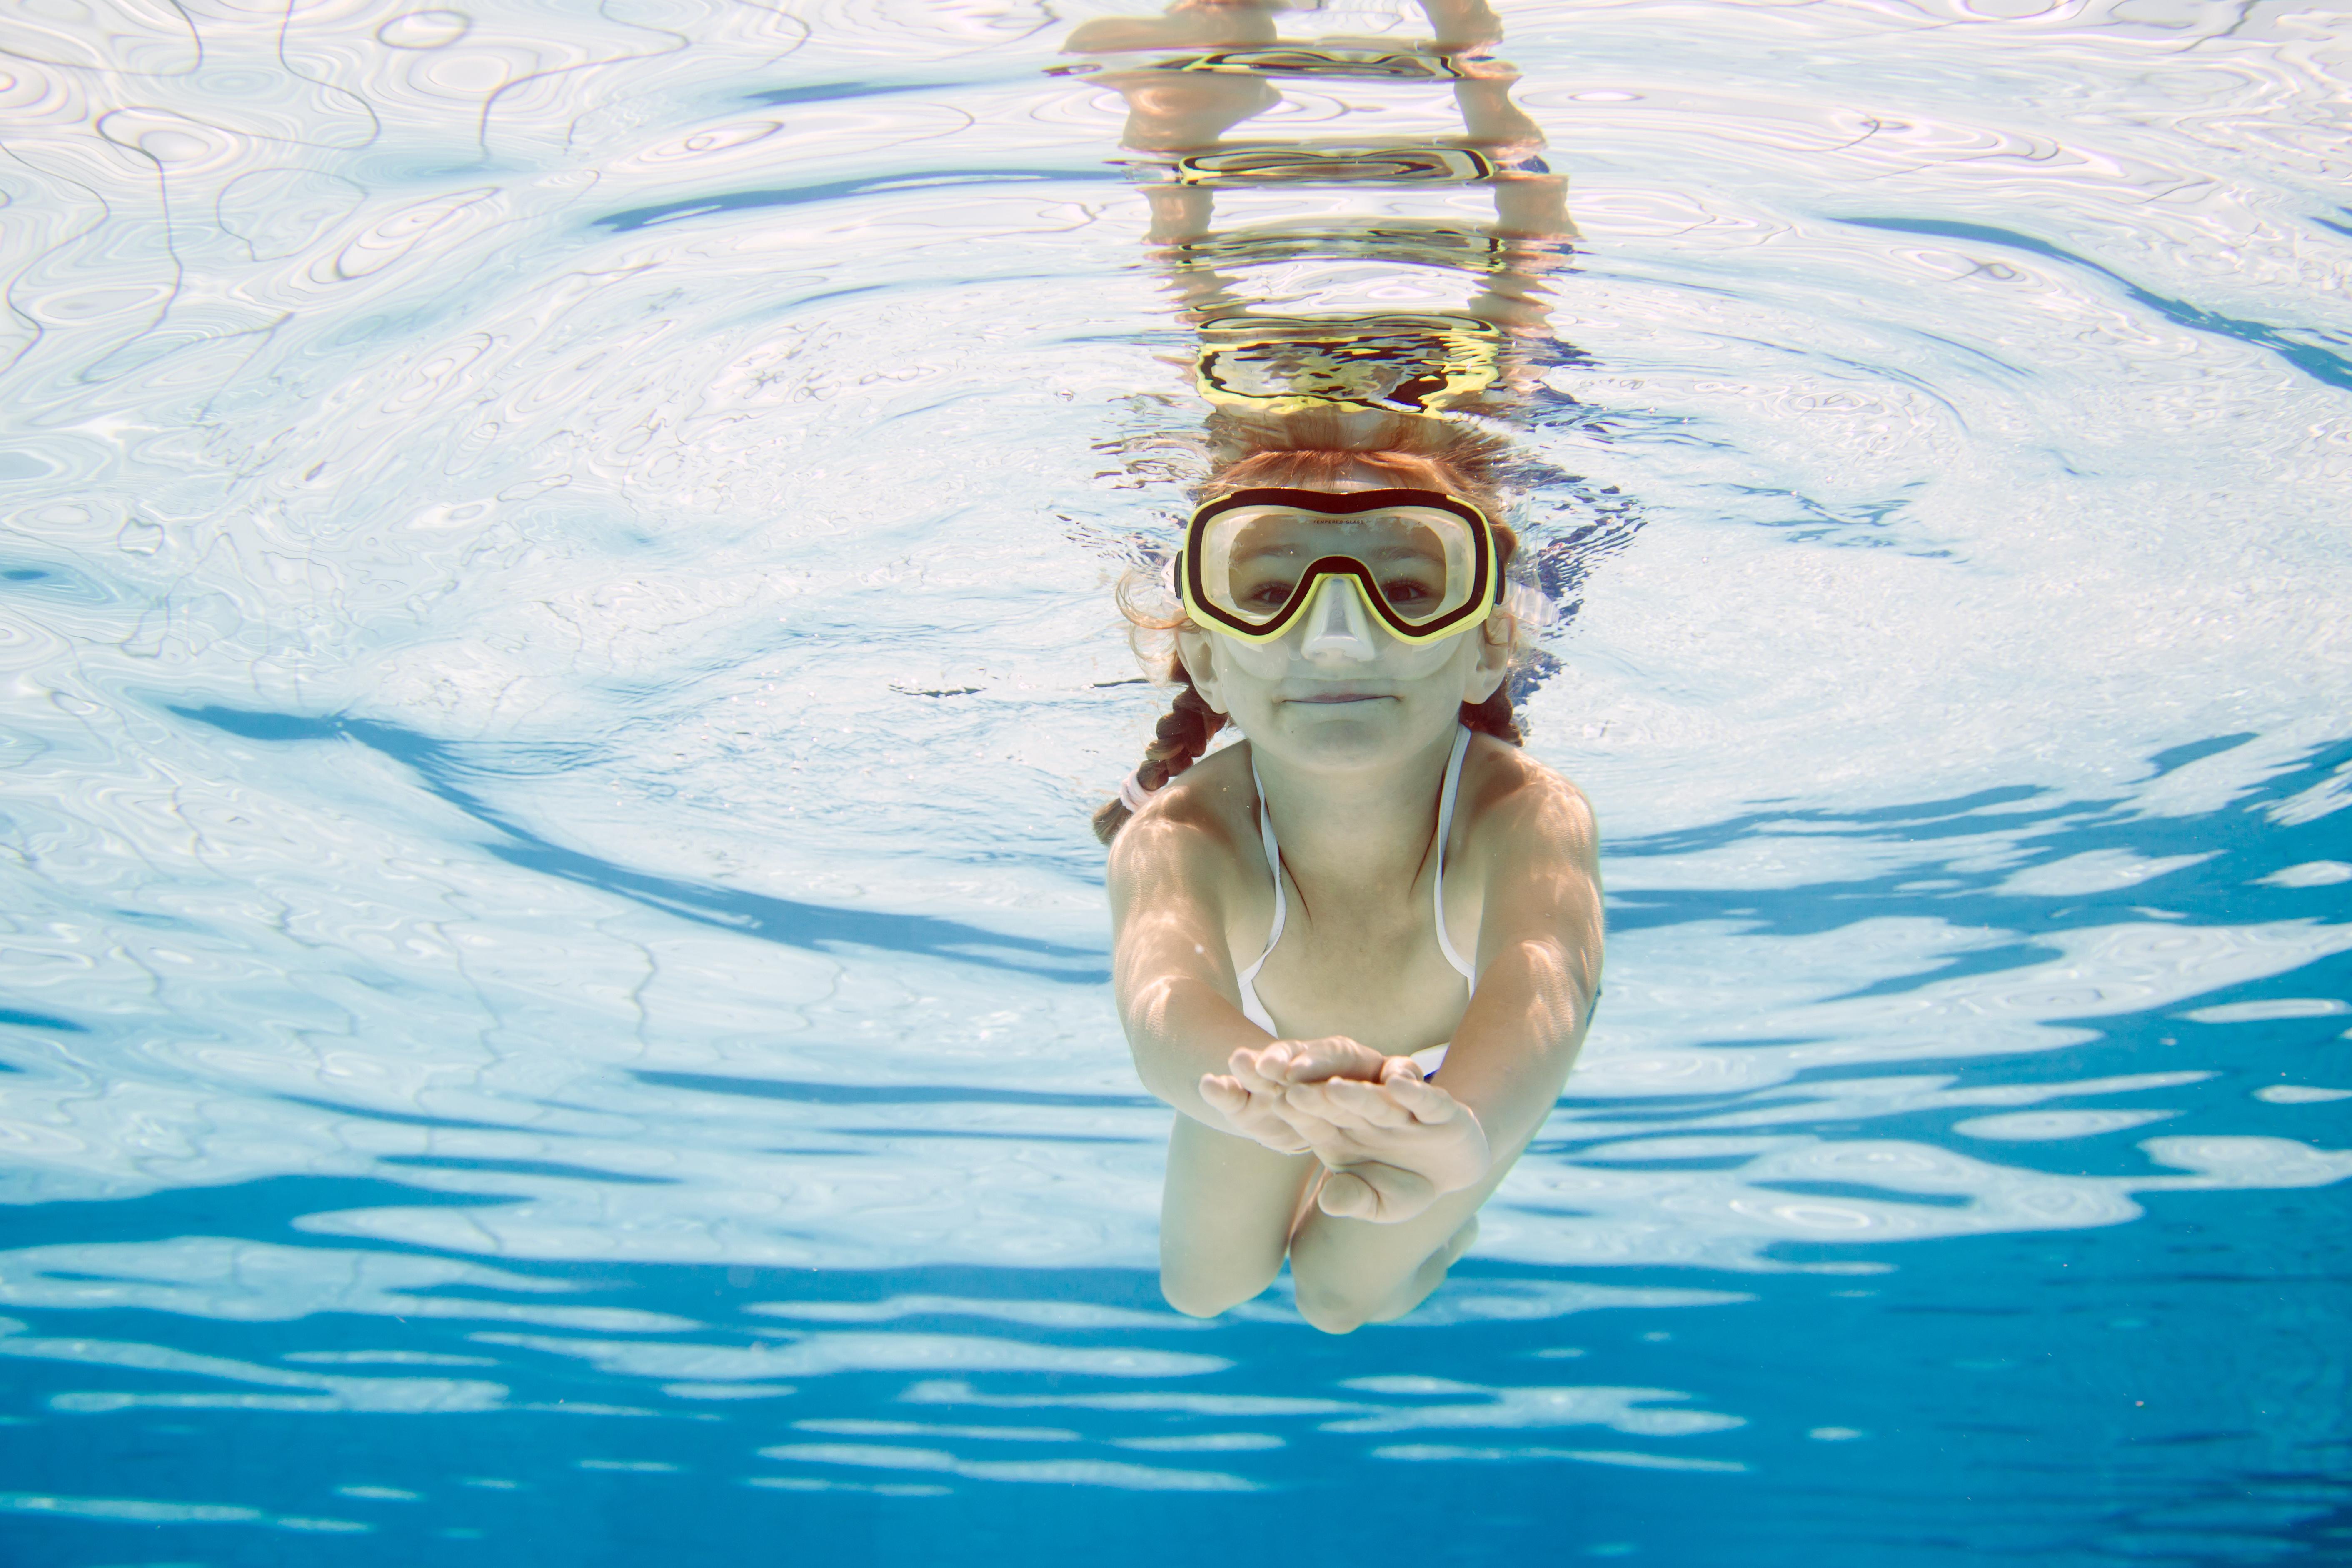 girlsnorkeling